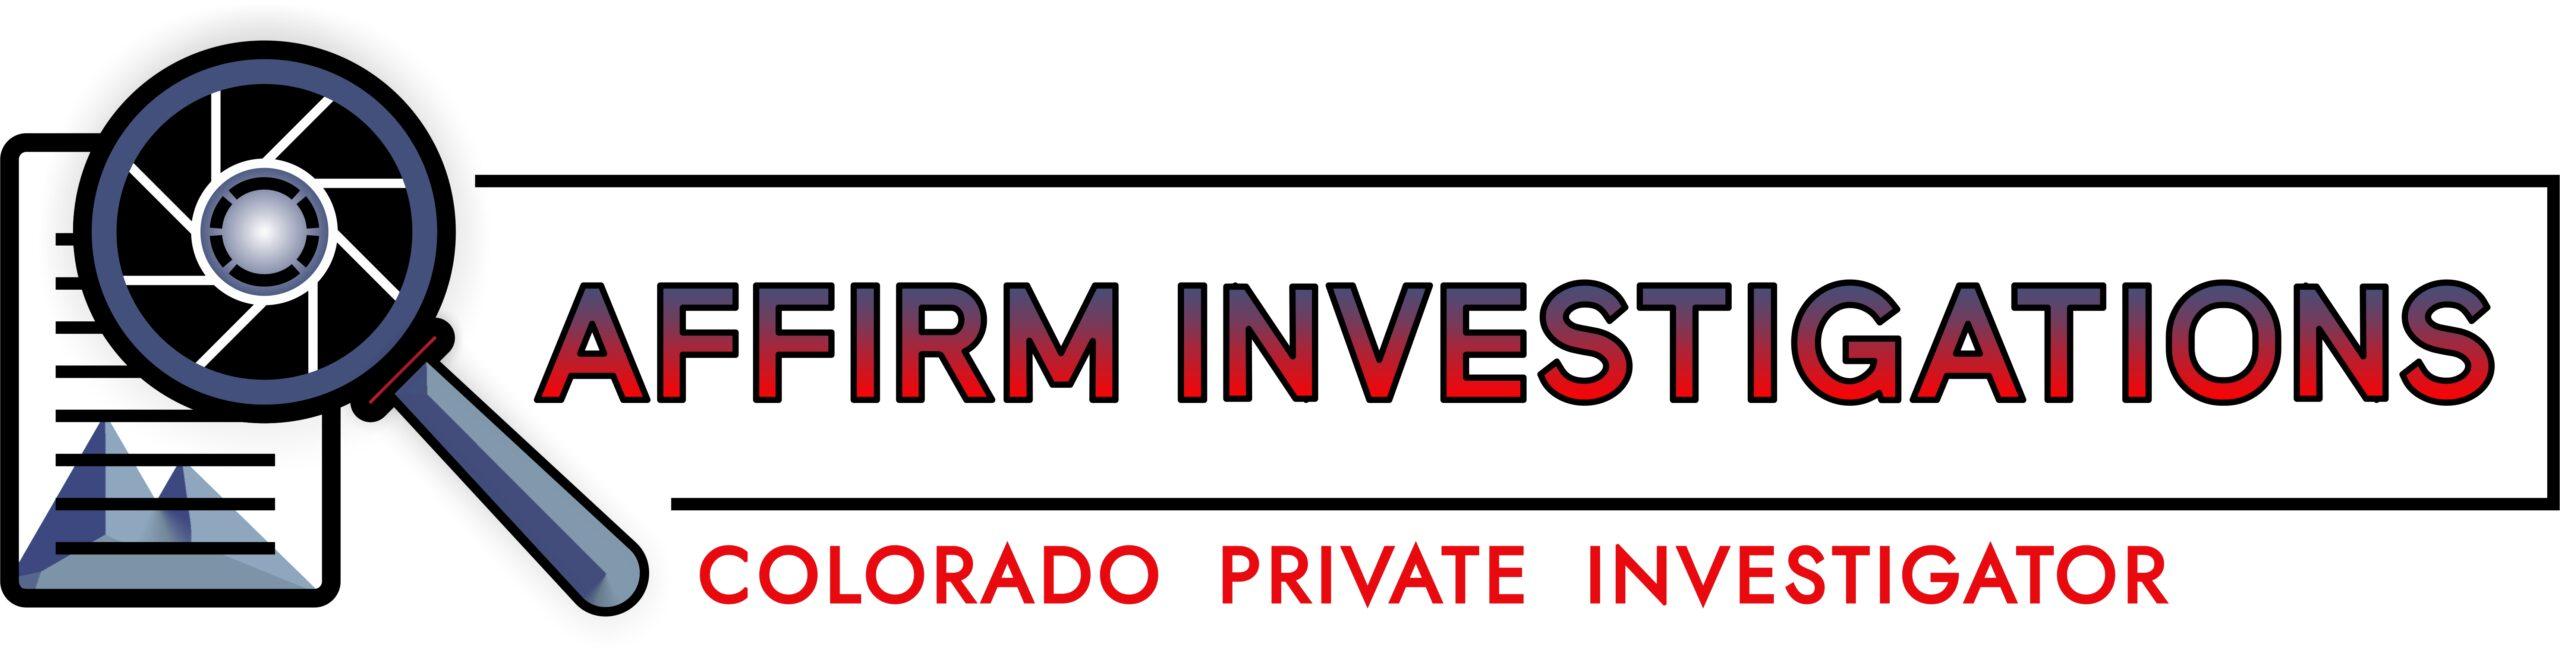 Colorado Private Investigator